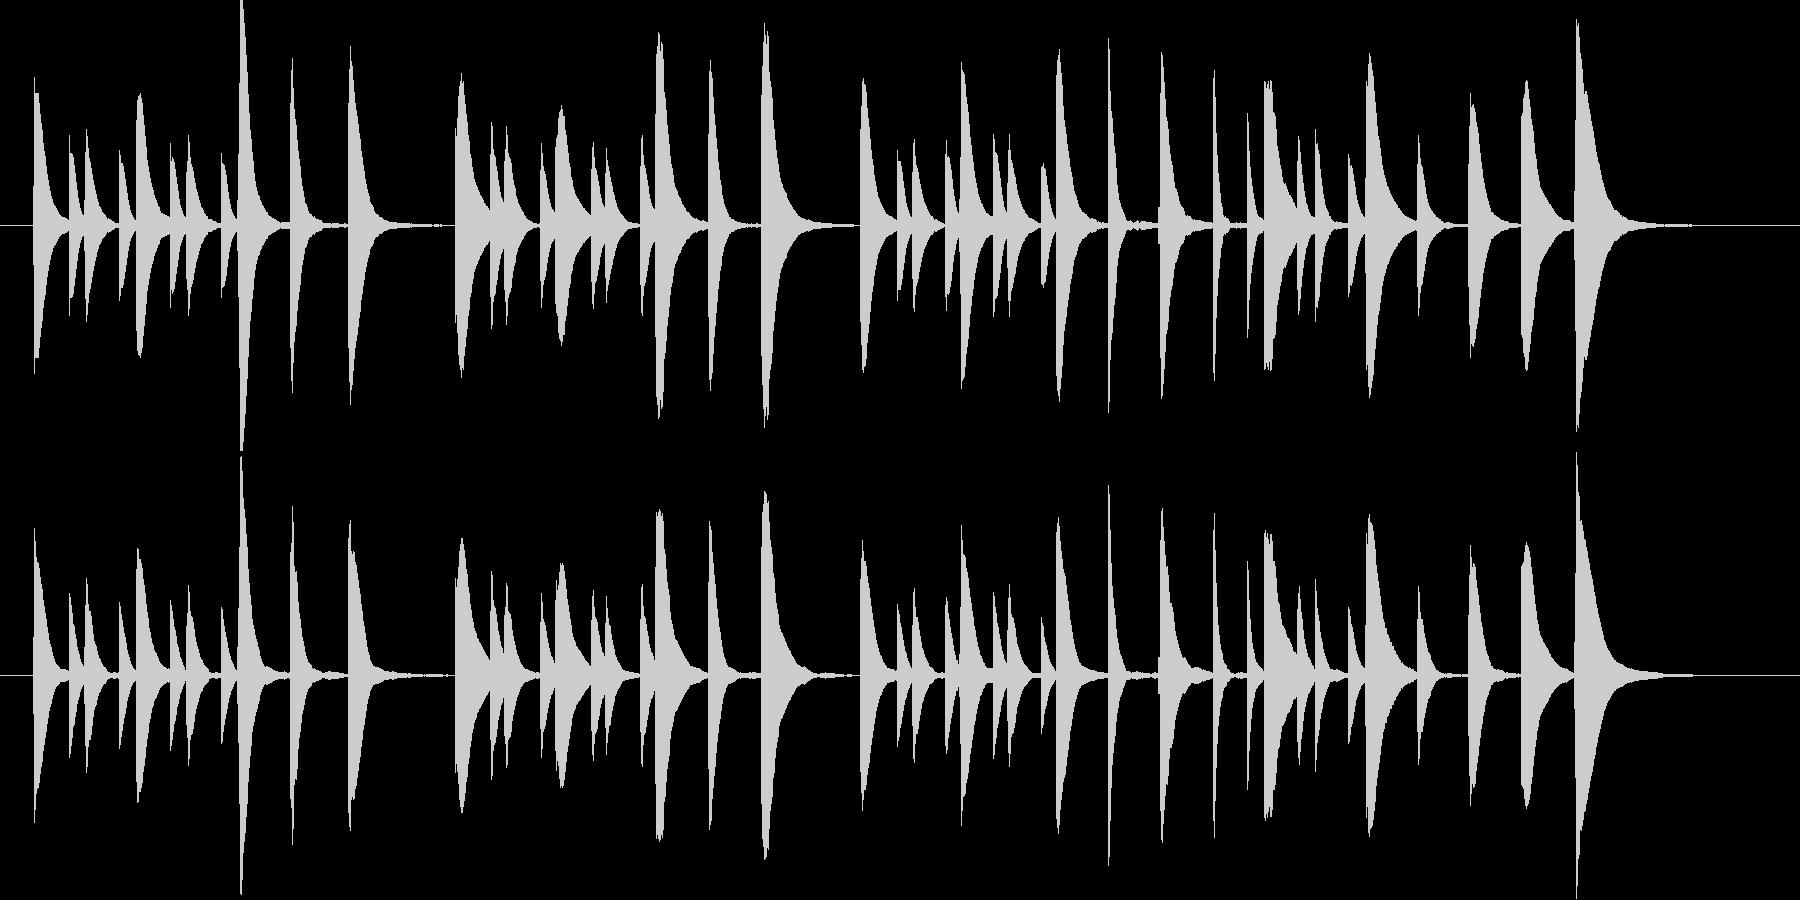 子供が遊ぶようなほのぼのマリンバBGMの未再生の波形